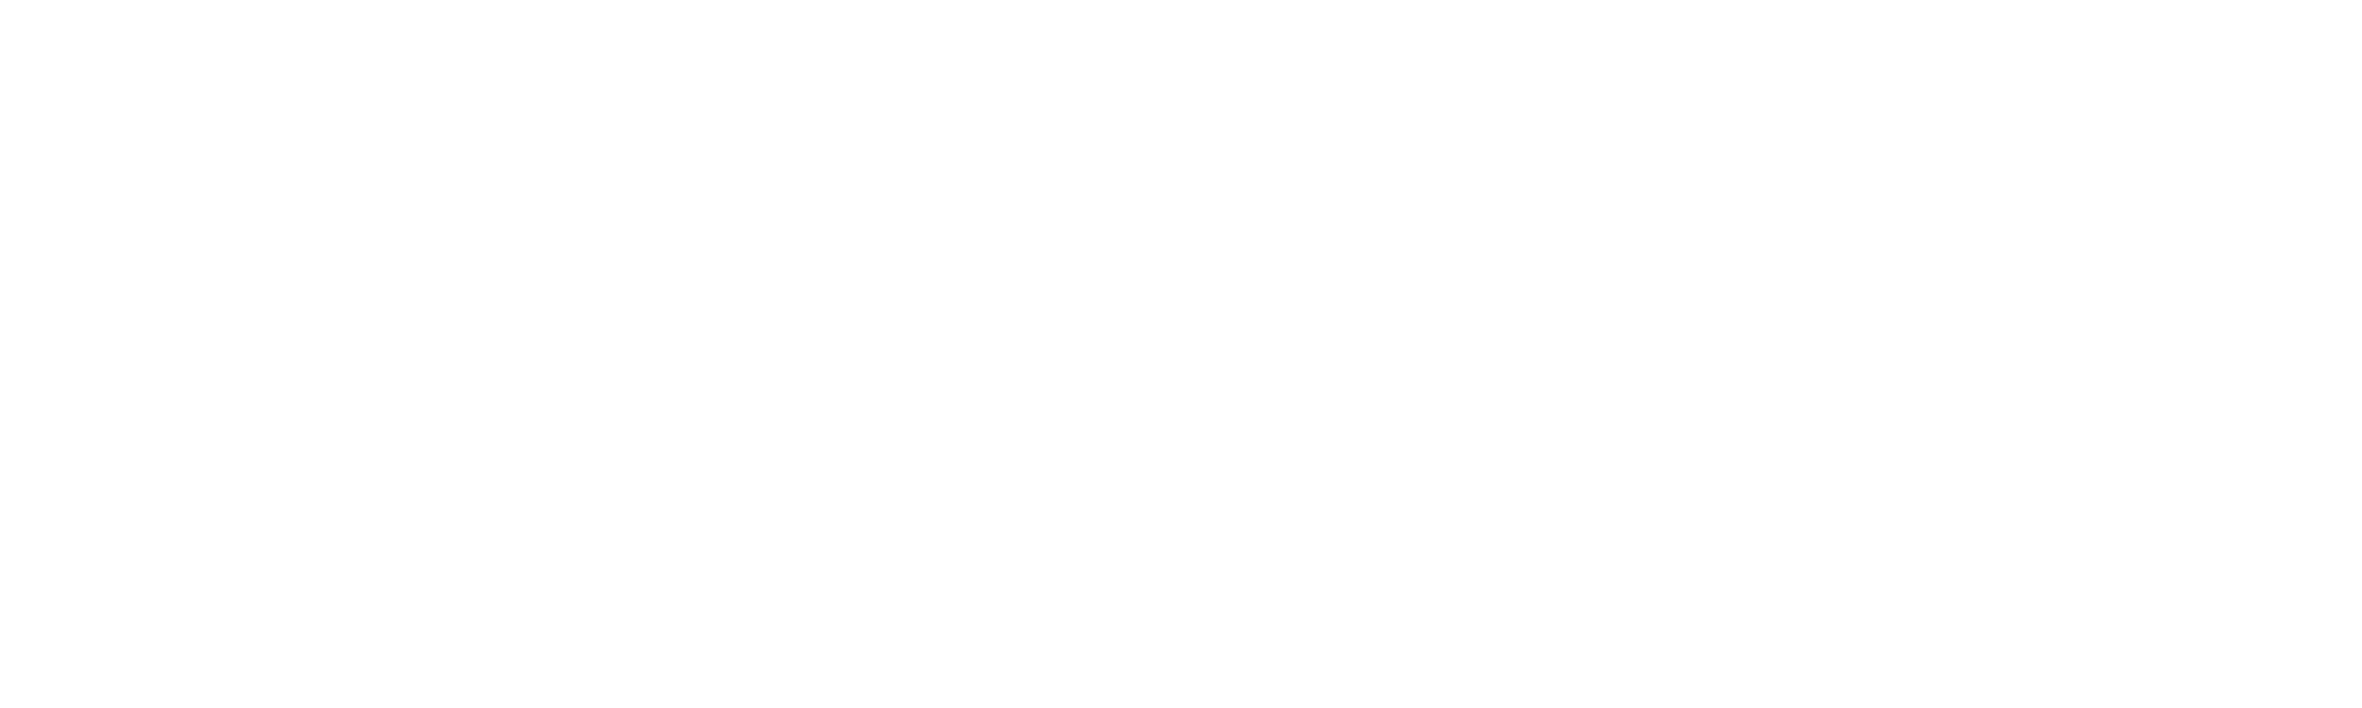 Spotify Logo PNG-PlusPNG.com-2362 - Spotify Logo PNG